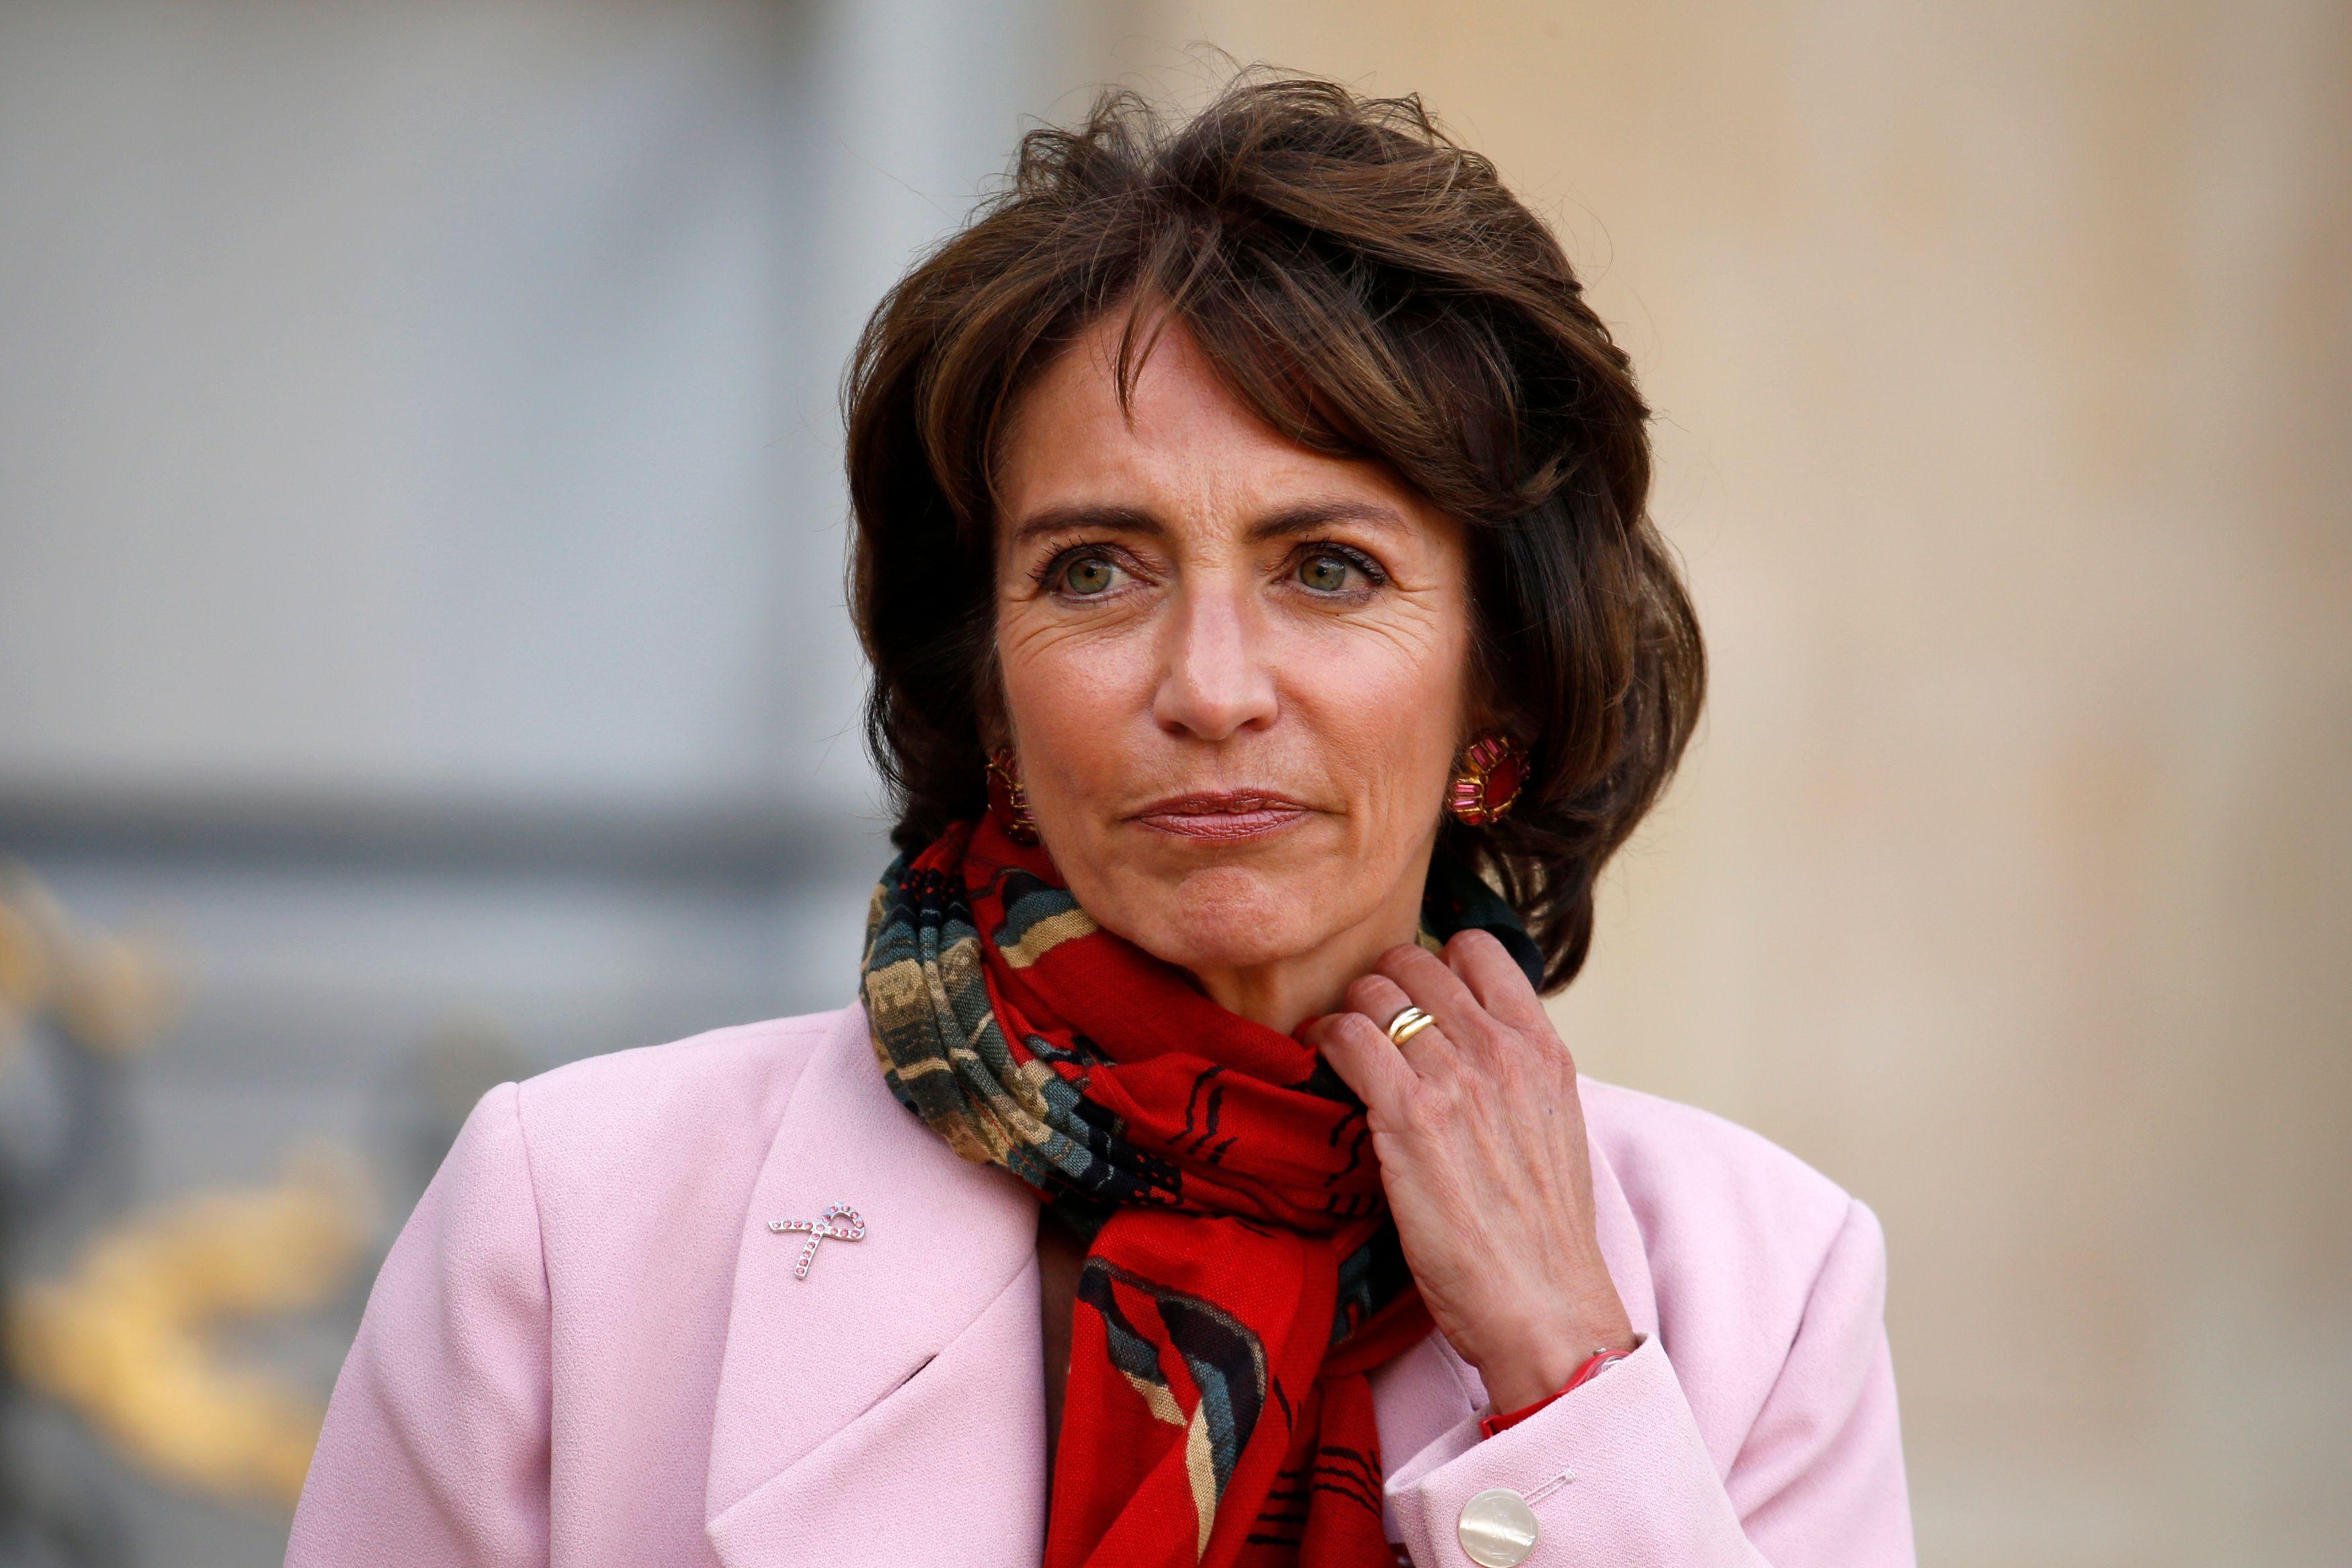 """Marisol Touraine sur la Loi santé : """"Ce qui est bon pour les Français, les médecins voudront le faire"""""""